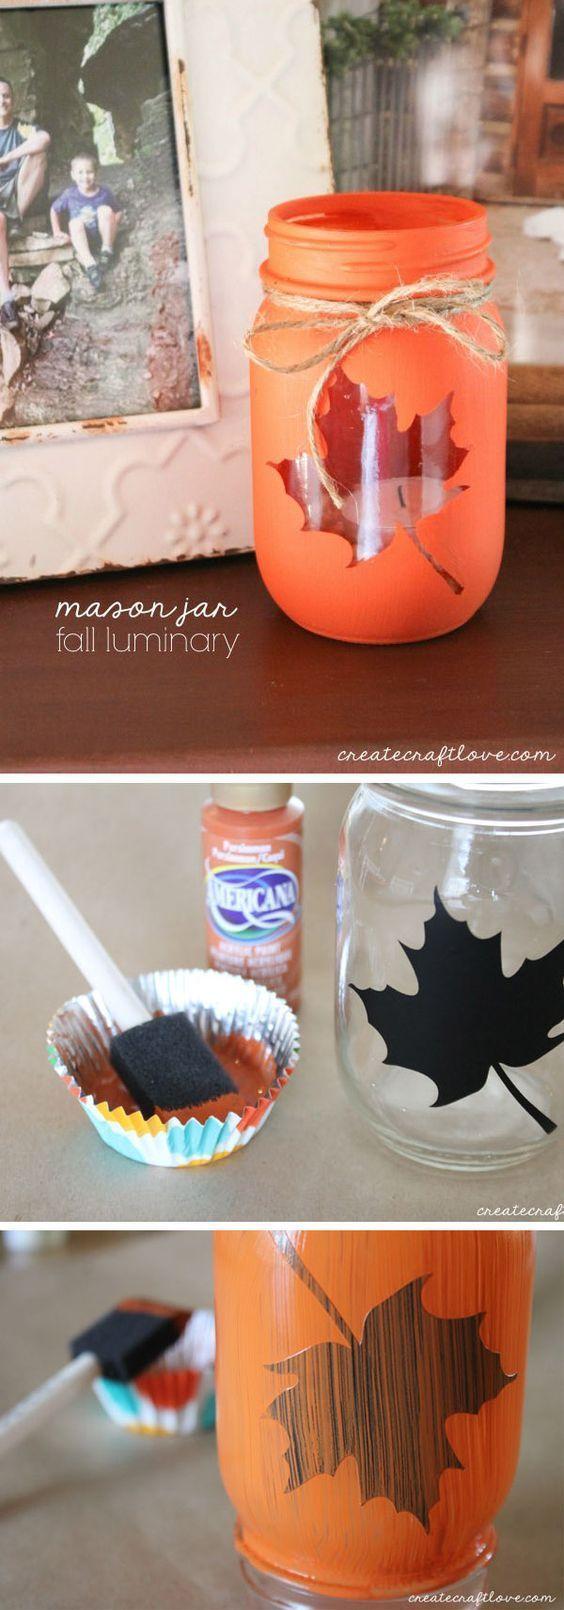 Diy mason jars wedding decoration ideas for fall fall decorations